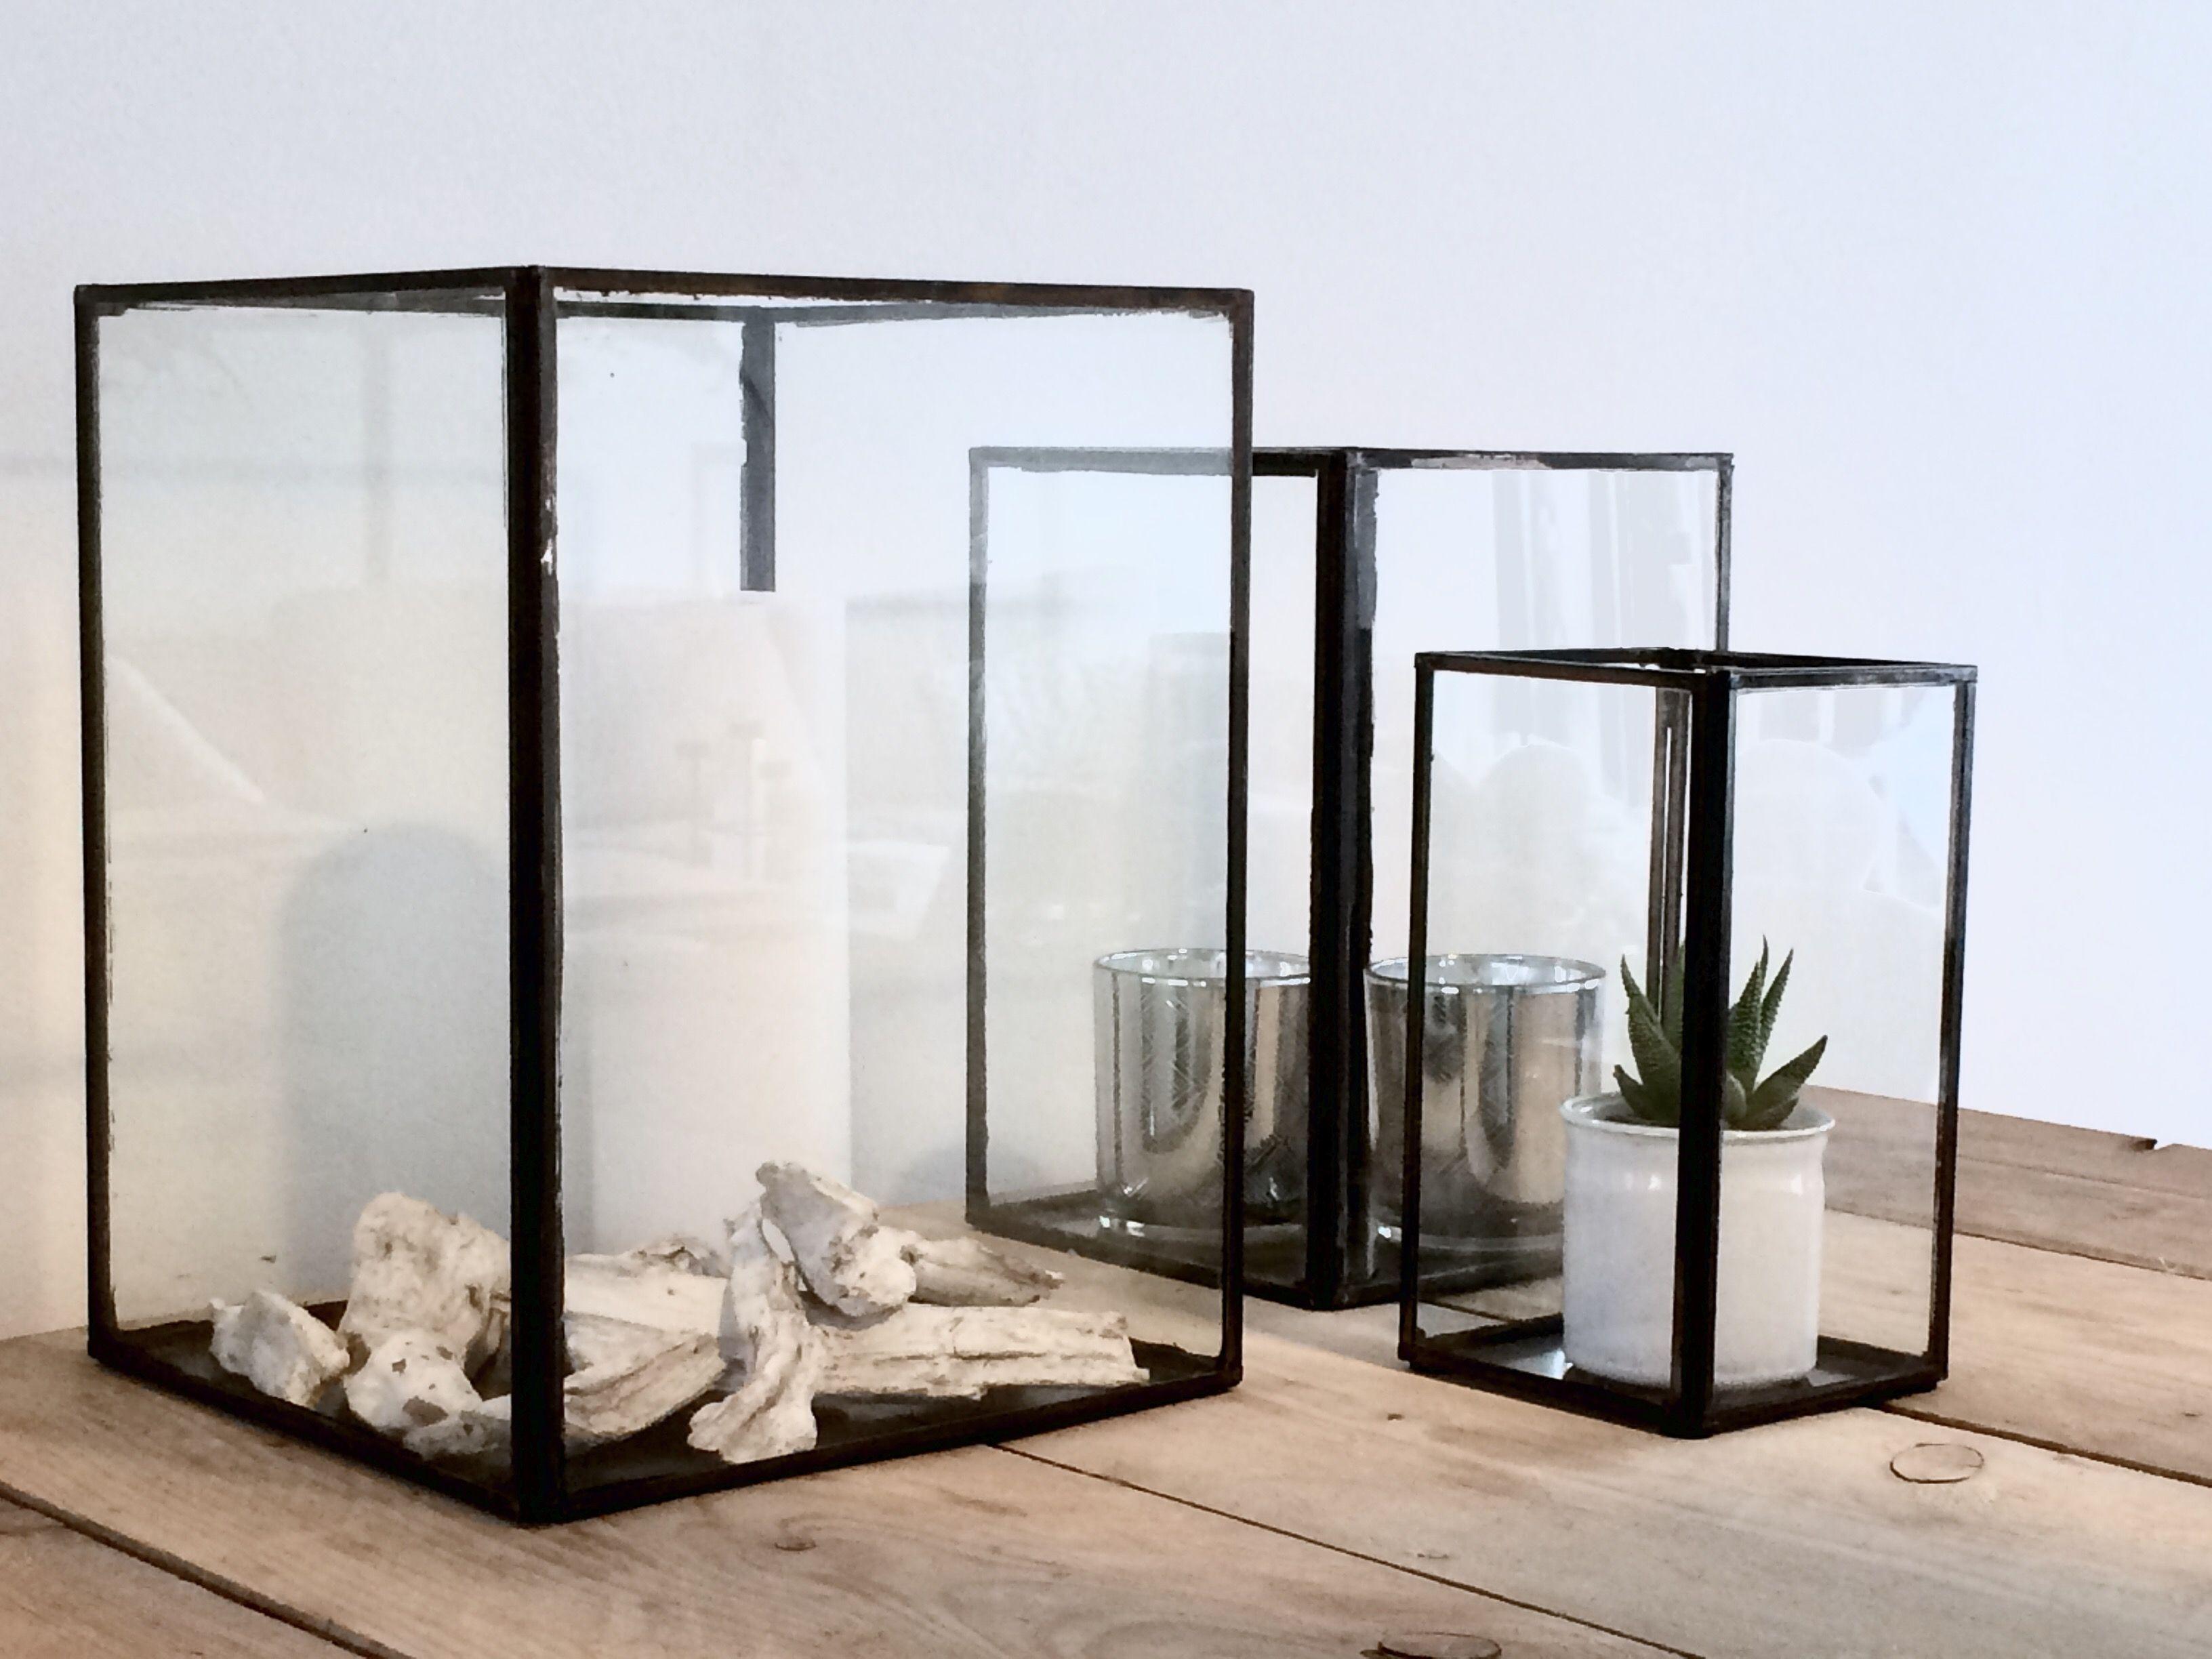 Heb Je Kleine Accessoires Die Je Niet Kwijt Wilt Doe Ze In Deze Glazen Boxen Zo Creeer Je Een Rustige Woonkamer Decoratie Binnenhuisdecoratie Huis Decoraties